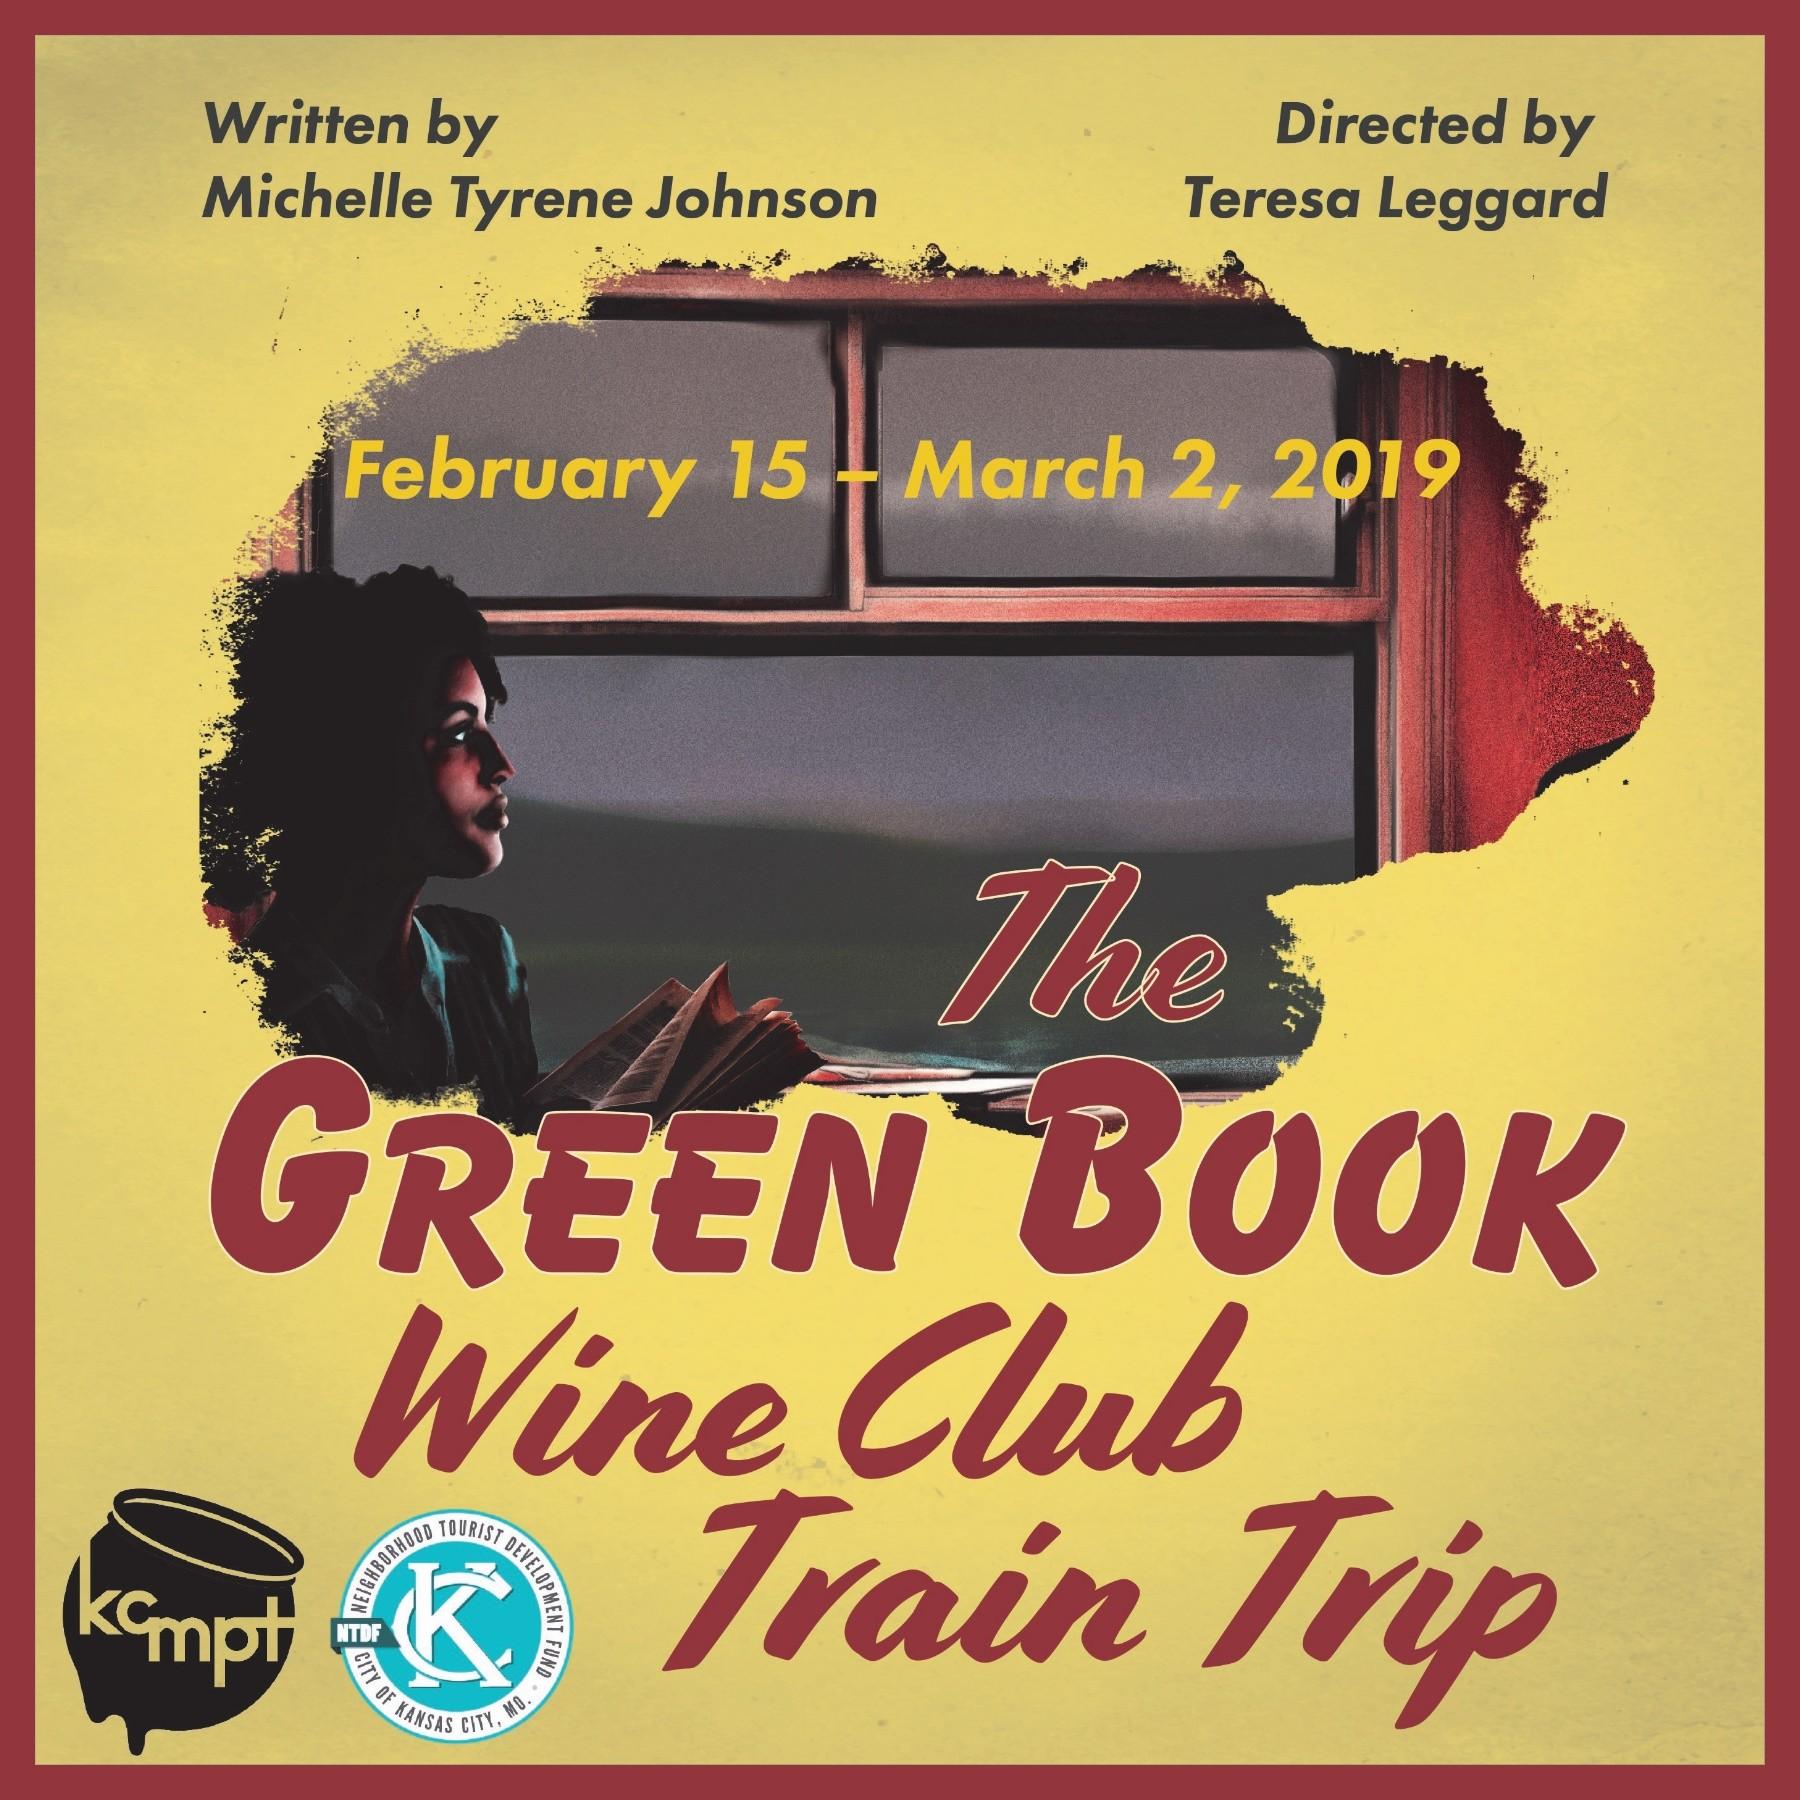 March Calendar Clip Art Más Recientemente Liberado the Green Book Wine Club Train Trip Presented by Kc Meltingpot Of March Calendar Clip Art Más Arriba-a-fecha Luxury Employee Schedule Template Excel